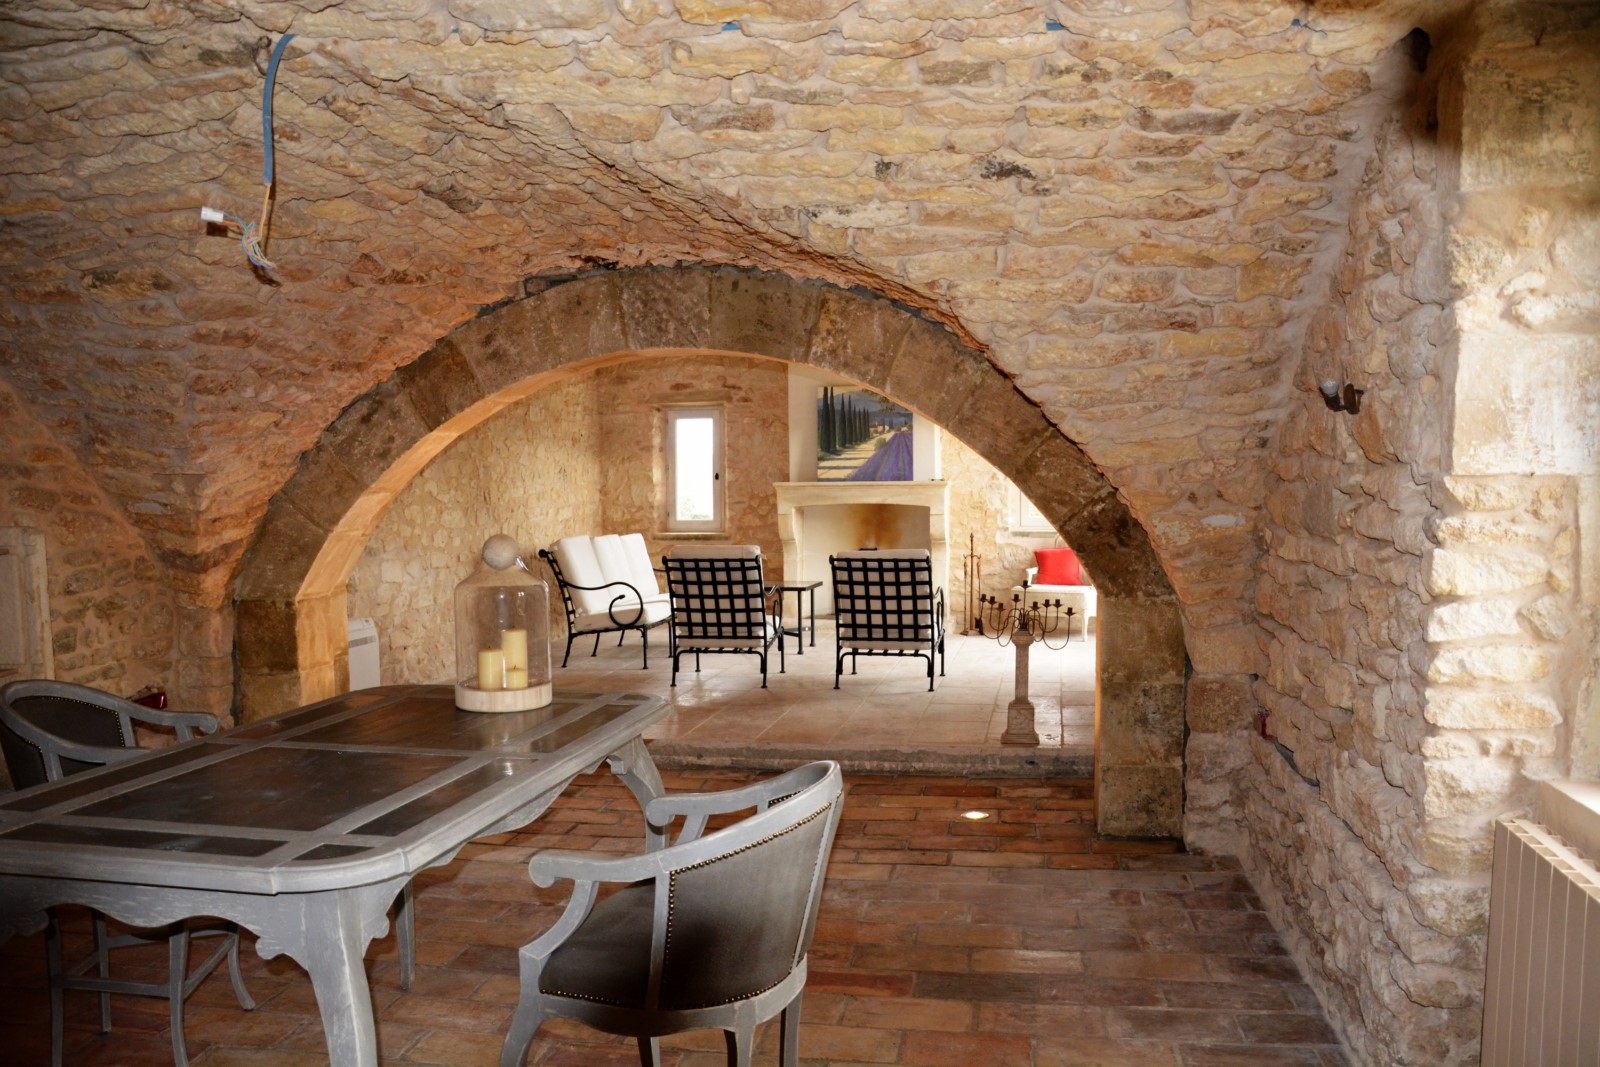 Belle architecture et confort pour cette maison à louer proche de Lacoste et Bonnieux